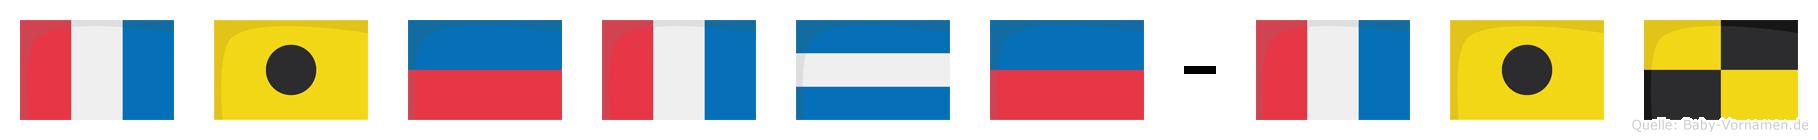 Tietje-Til im Flaggenalphabet